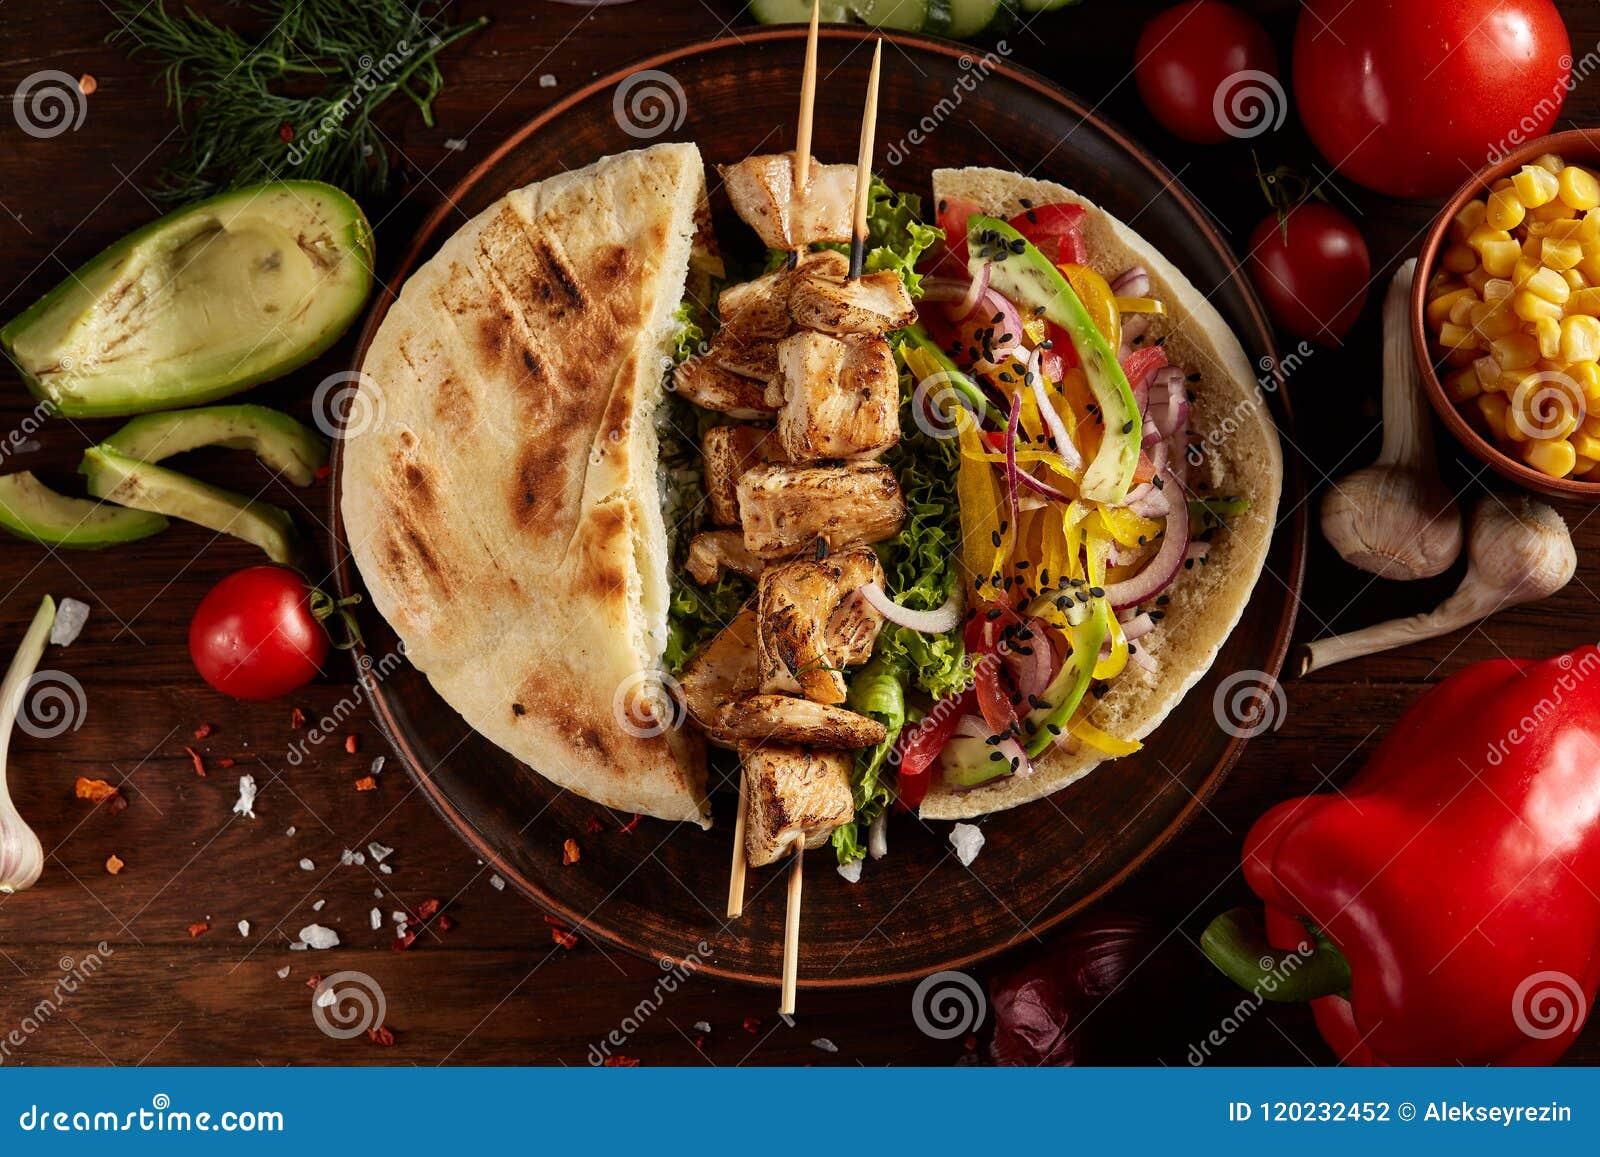 Εξωτικός ακόμα slife με το pita, φρέσκα λαχανικά και kebab πέρα από το ξύλινο υπόβαθρο, εκλεκτική εστίαση